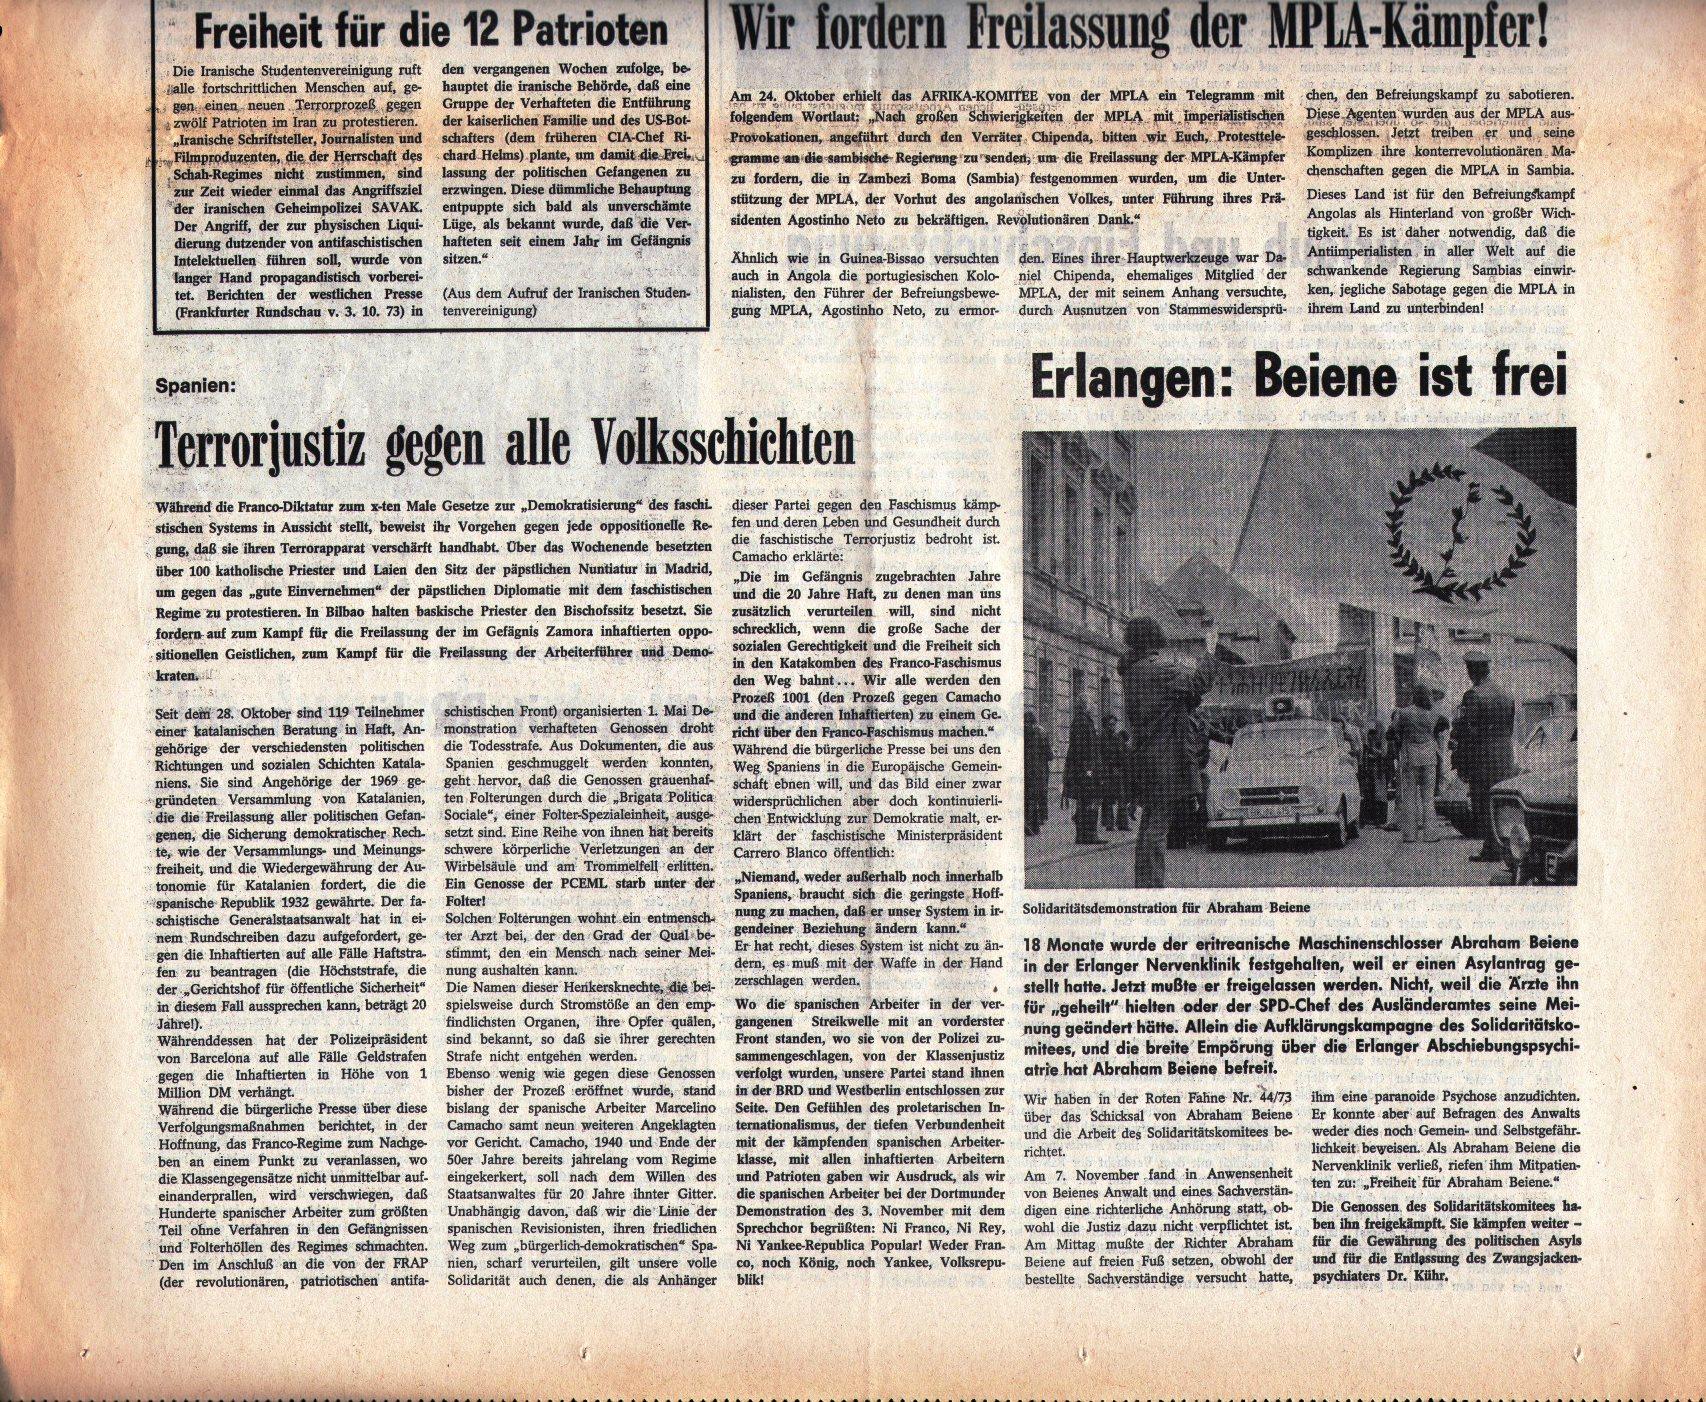 KPD_Rote_Fahne_1973_46_12